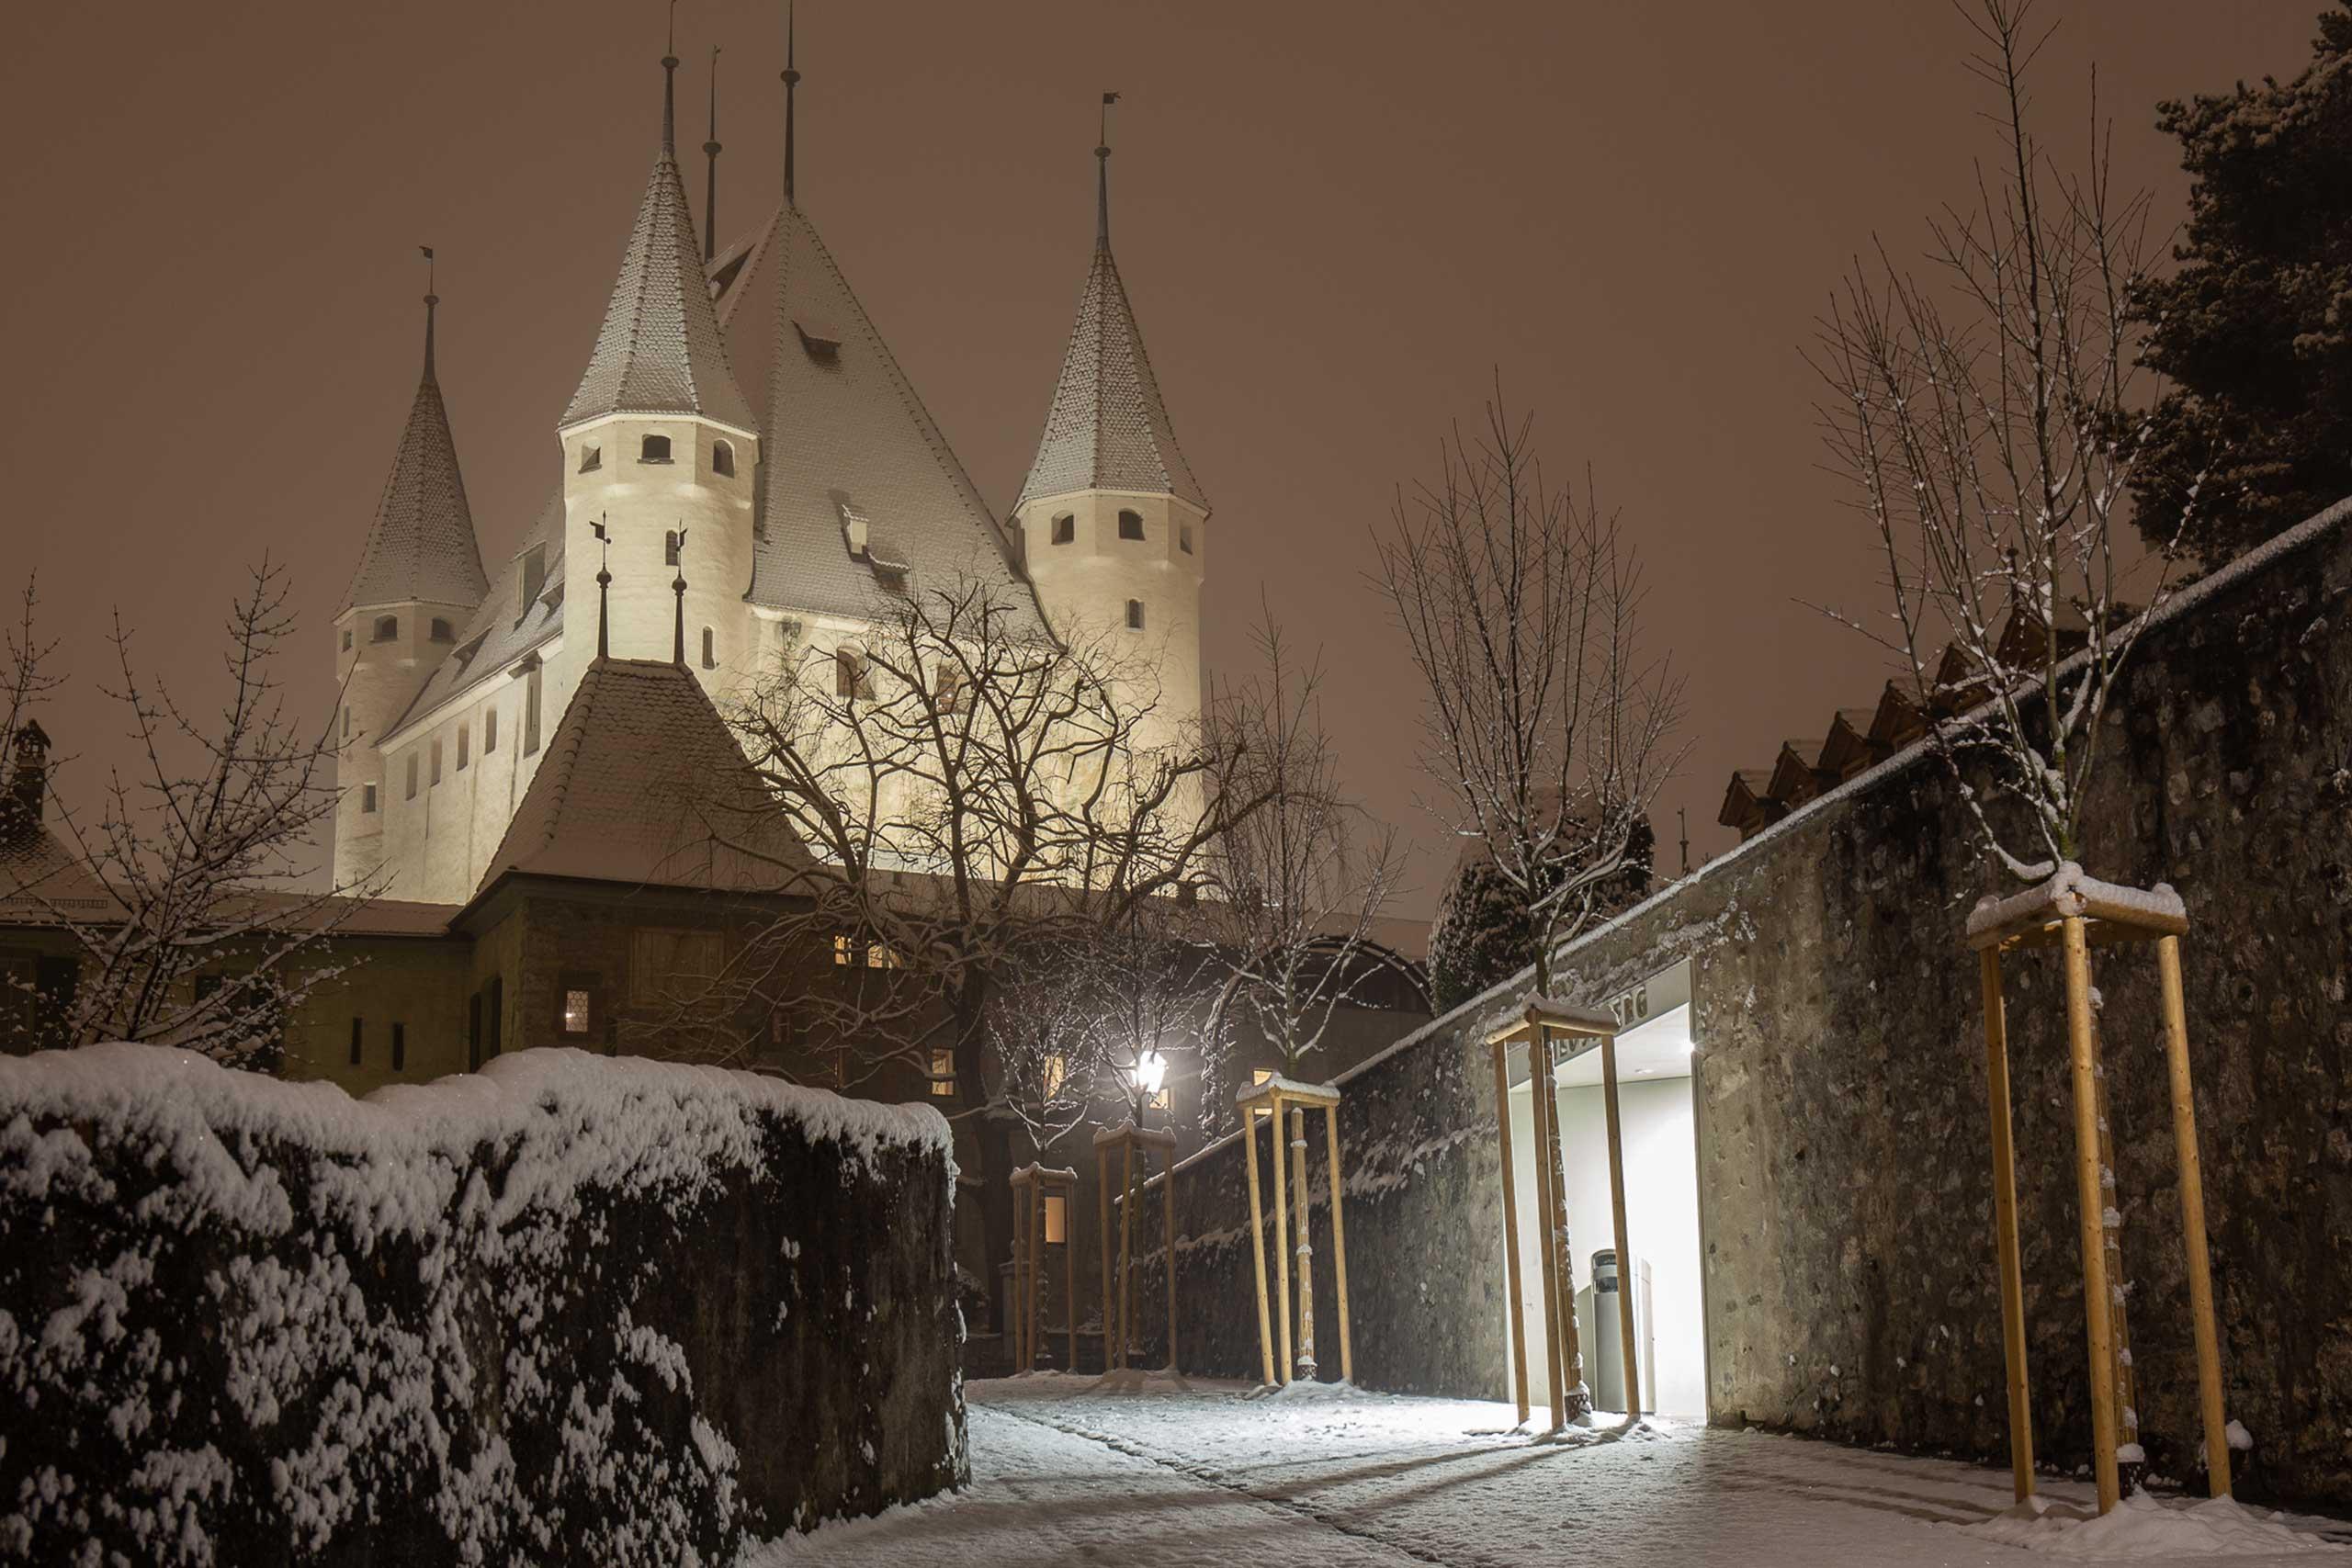 schloss-thun-nacht-winter-nebel-schnee.jpg